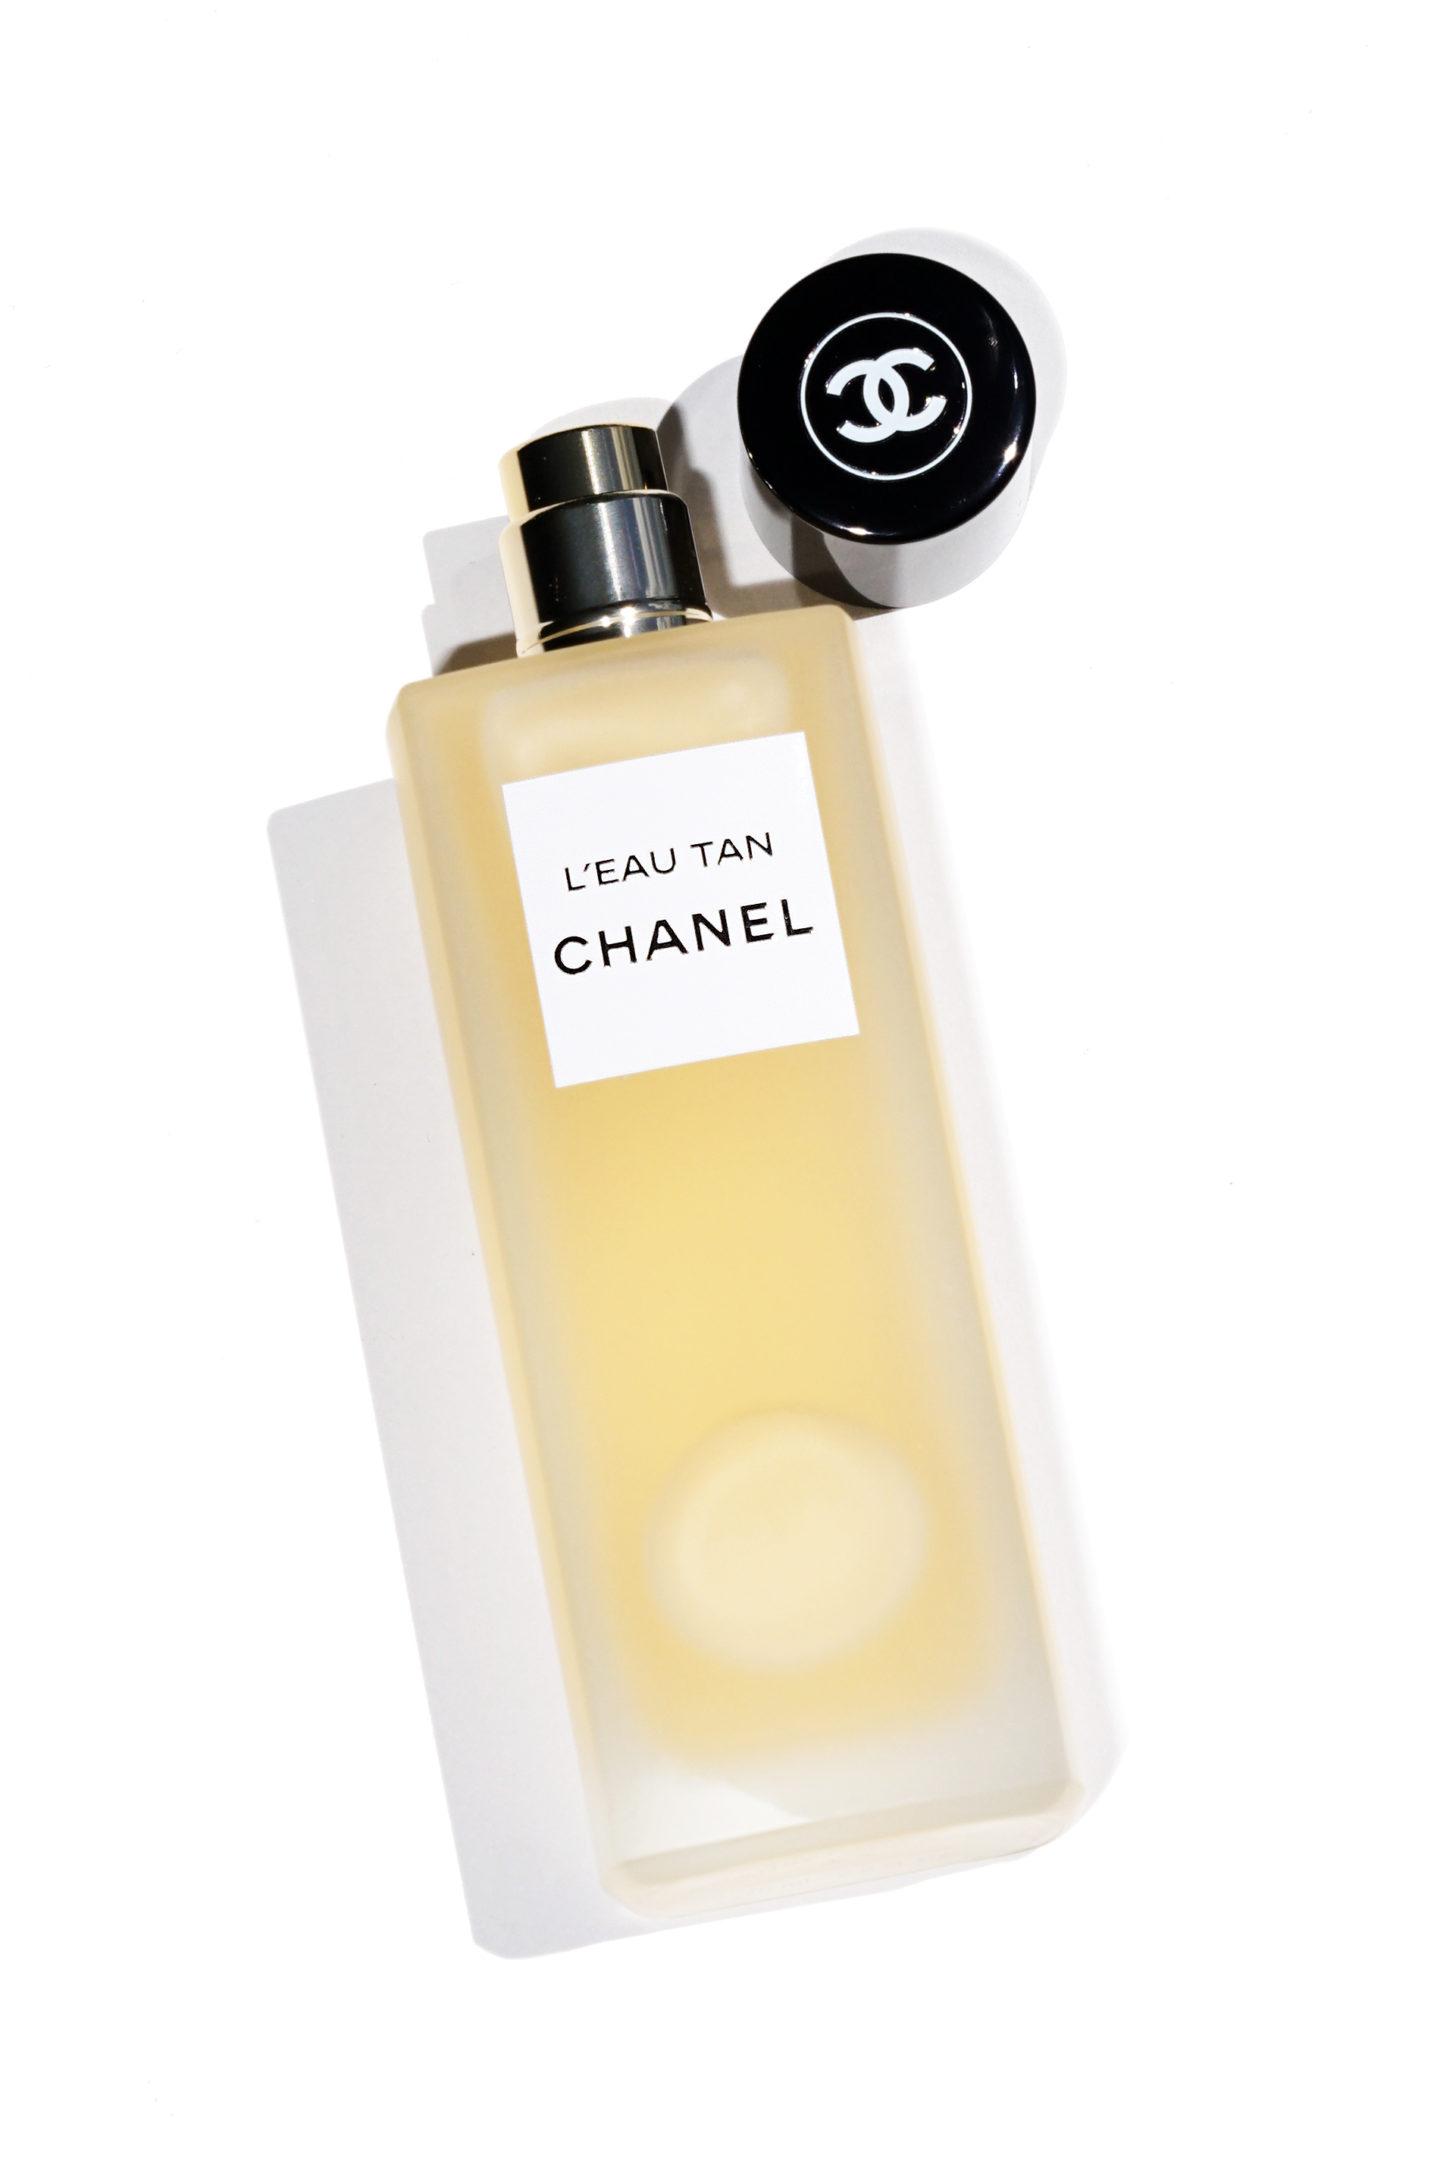 Chanel L'Eau Tan Chanel Spray